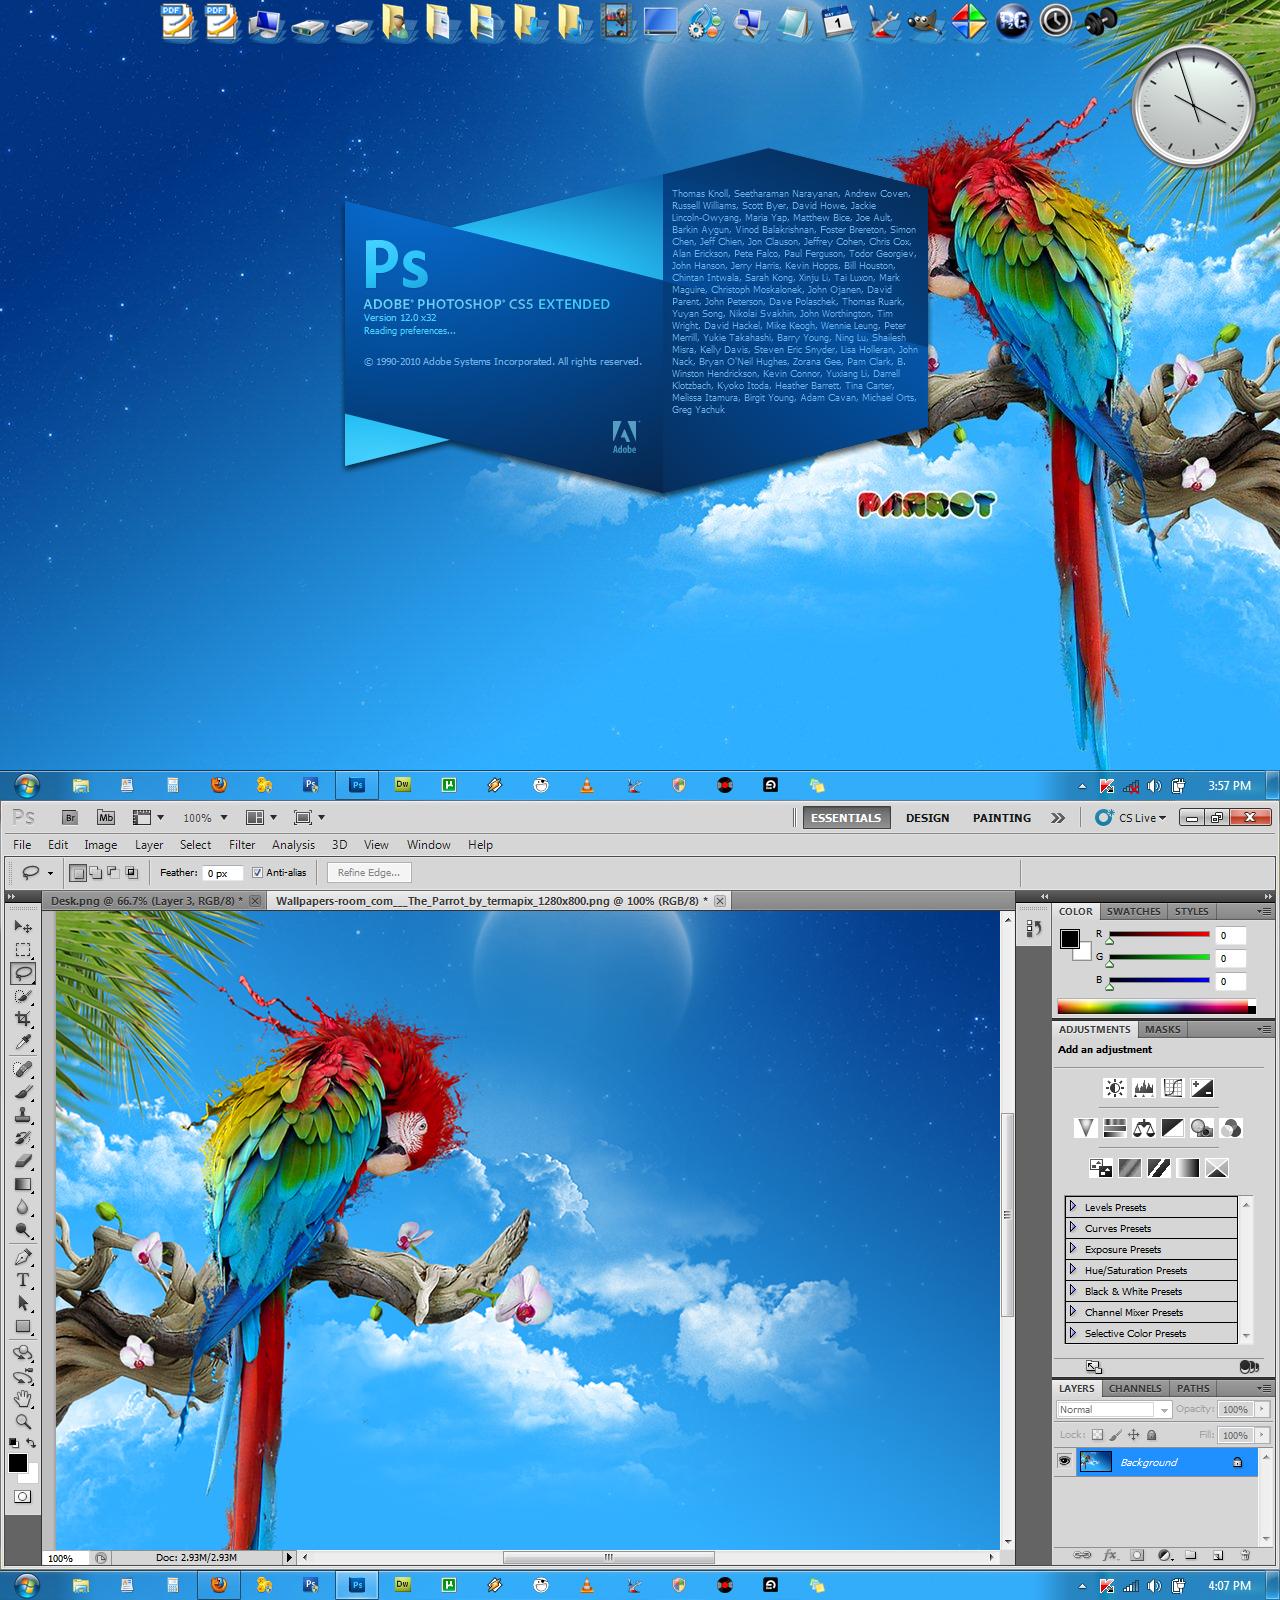 Desktop May 2010